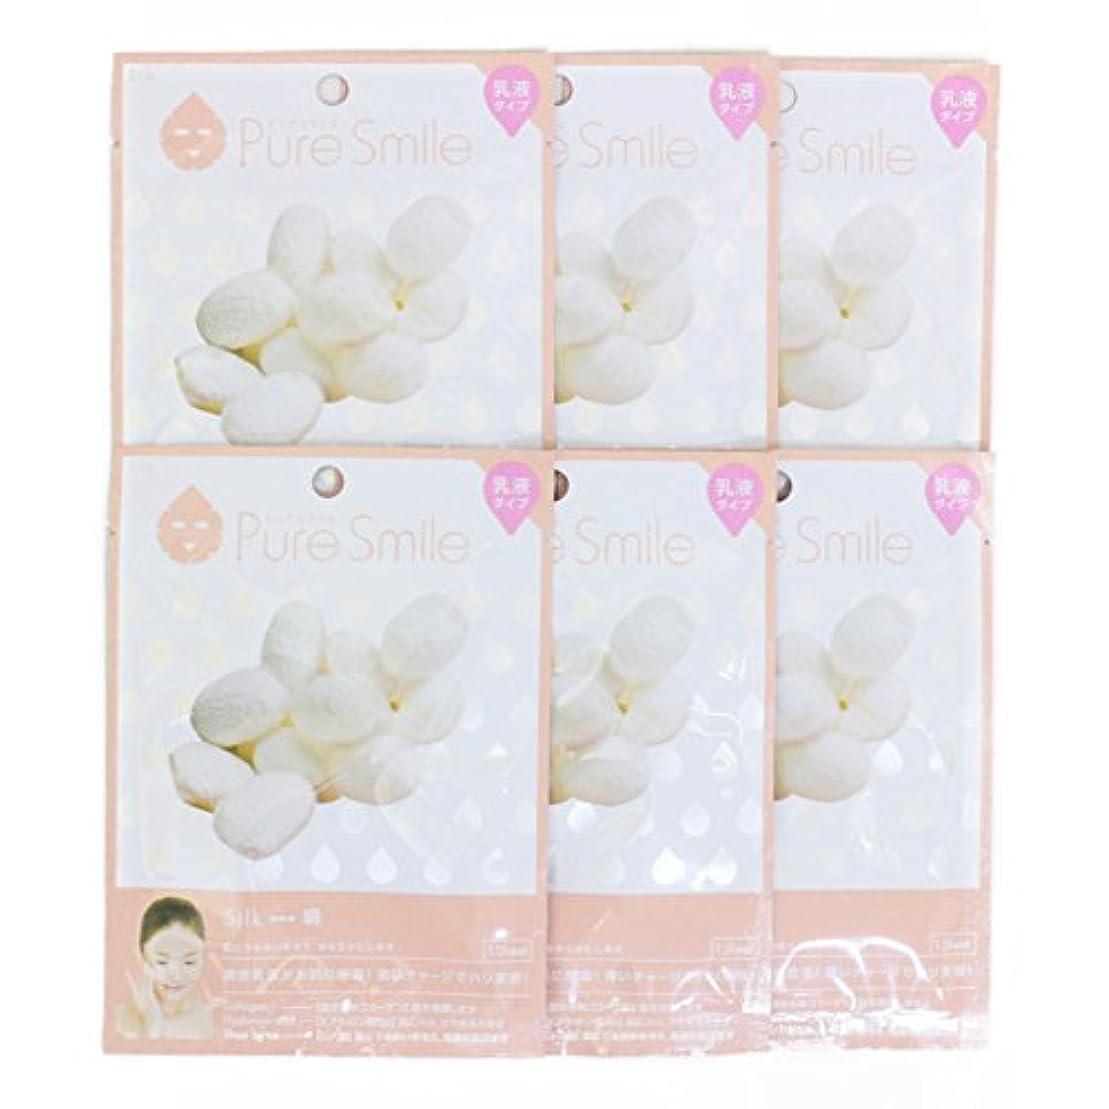 パイントウェイトレス入場Pure Smile ピュアスマイル 乳液エッセンスマスク 絹 6枚セット